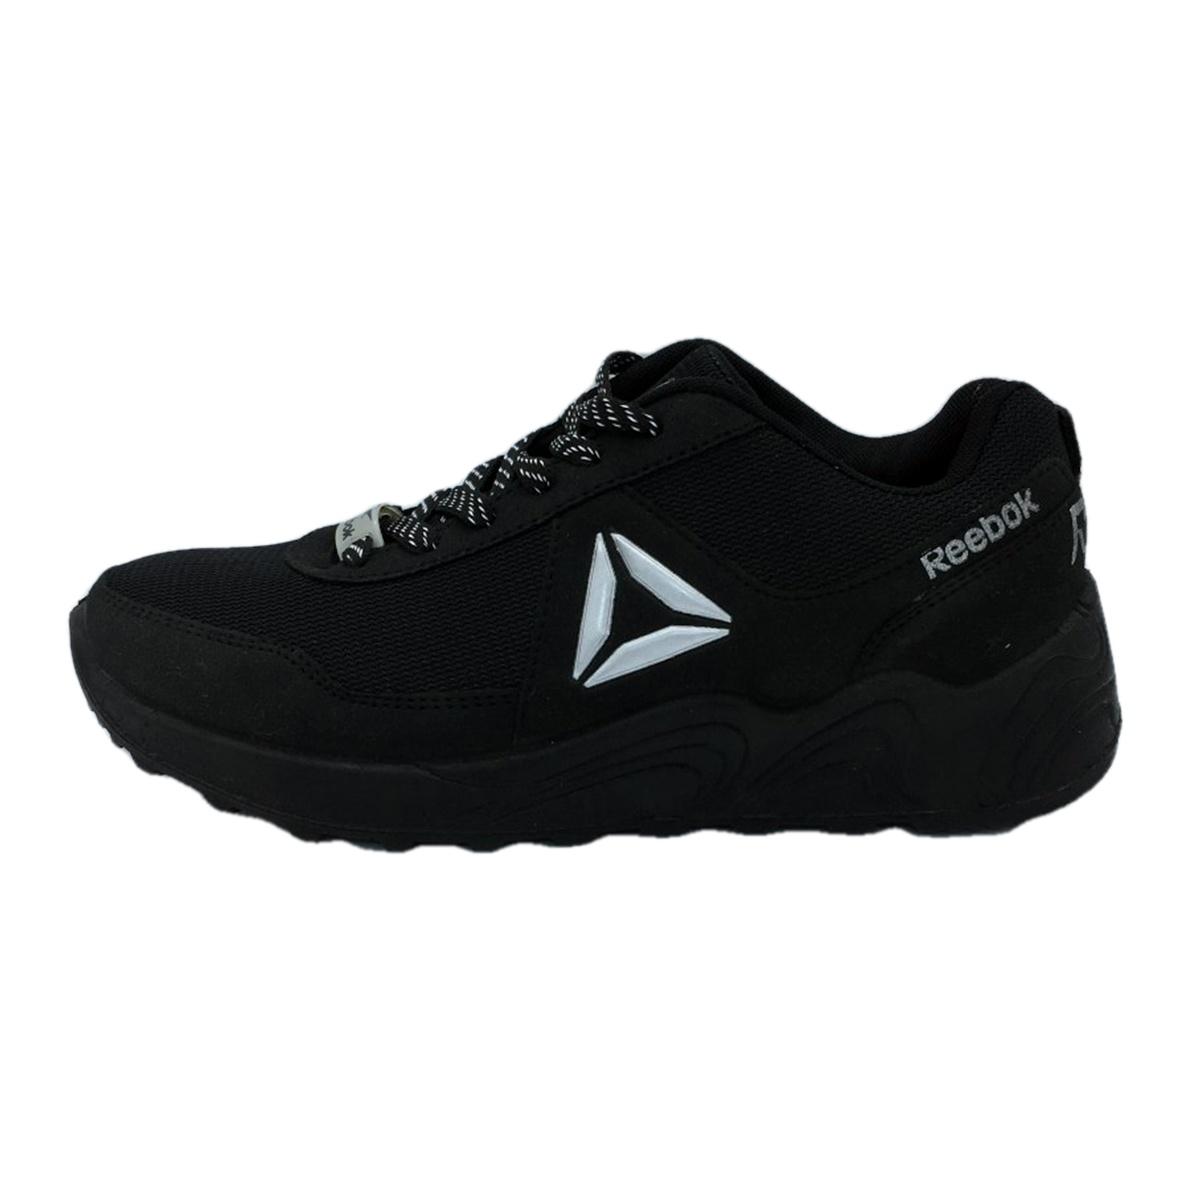 کفش مخصوص پیاده روی  مردانه مدل az -R رنگ مشکی